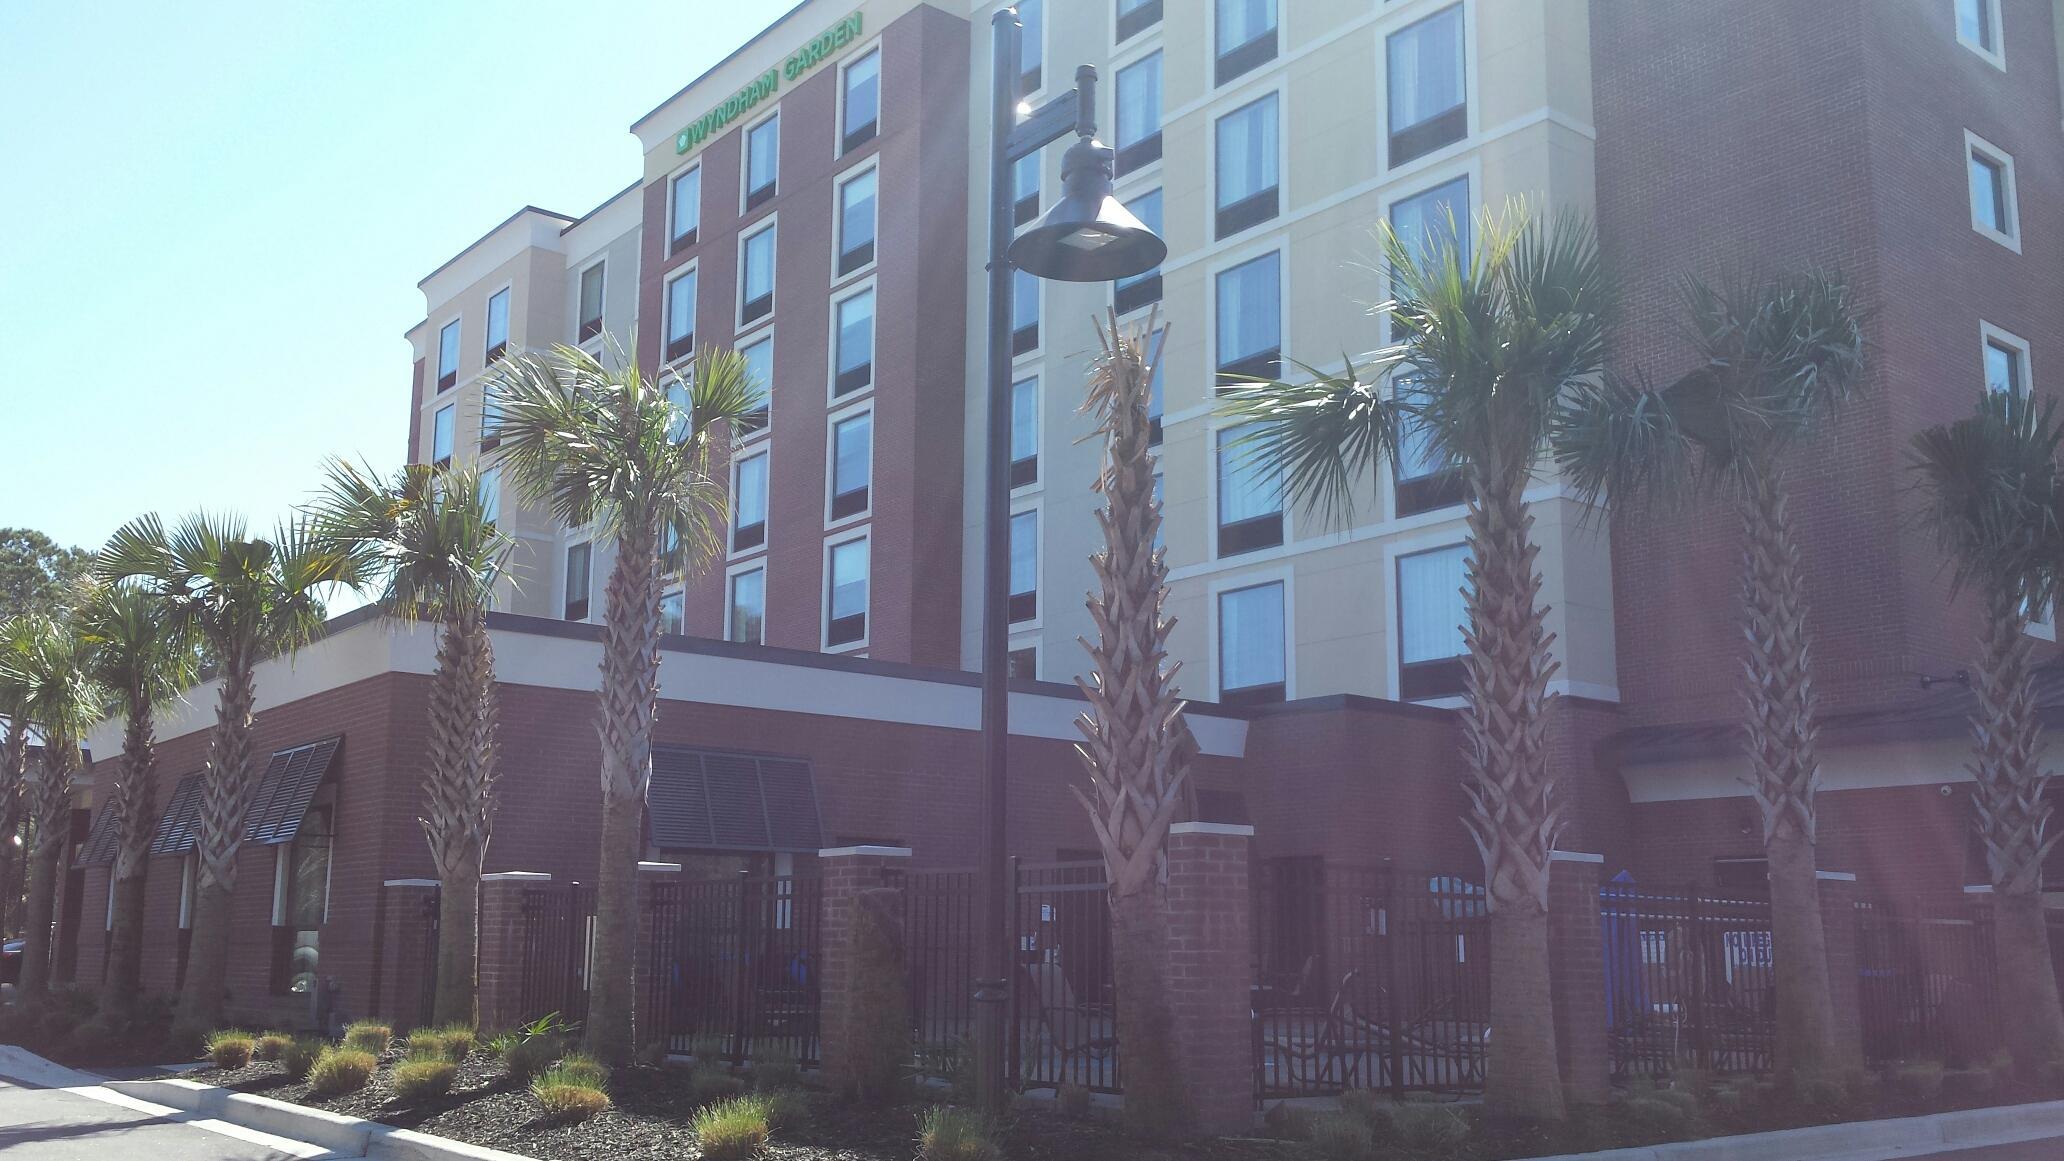 wyndham garden hotel - Wyndham Garden Charleston Mount Pleasant